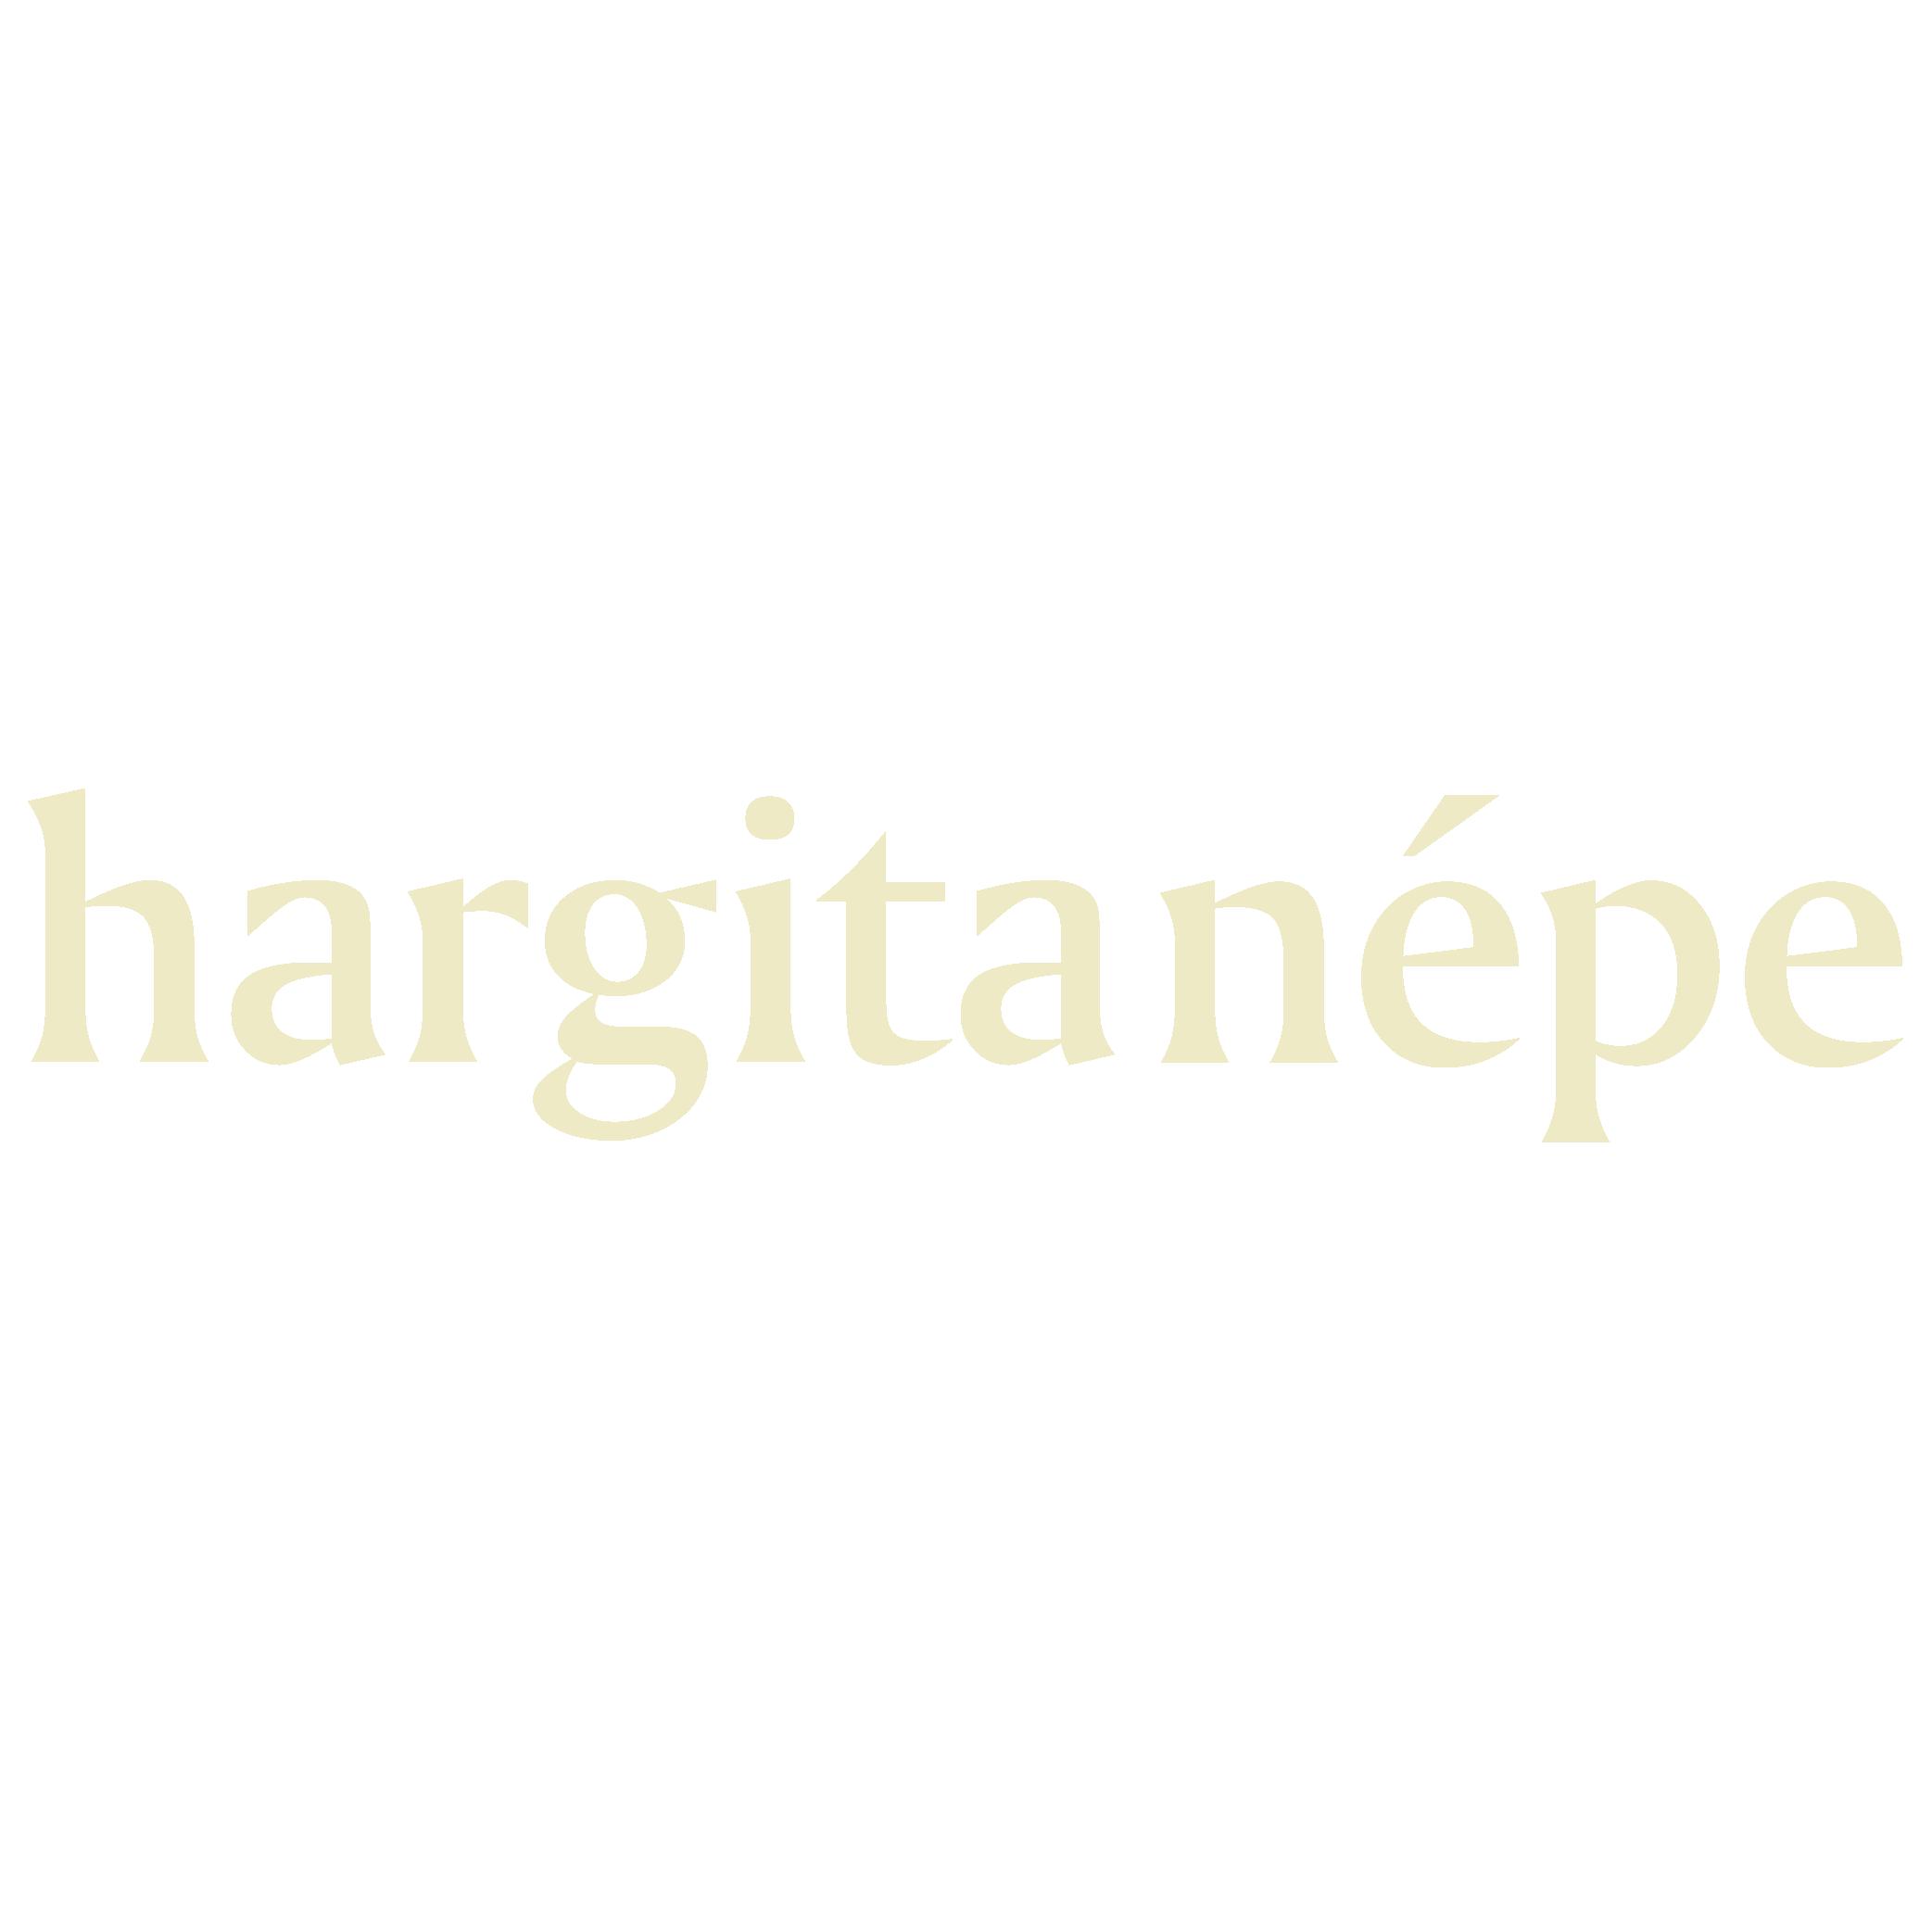 hargita